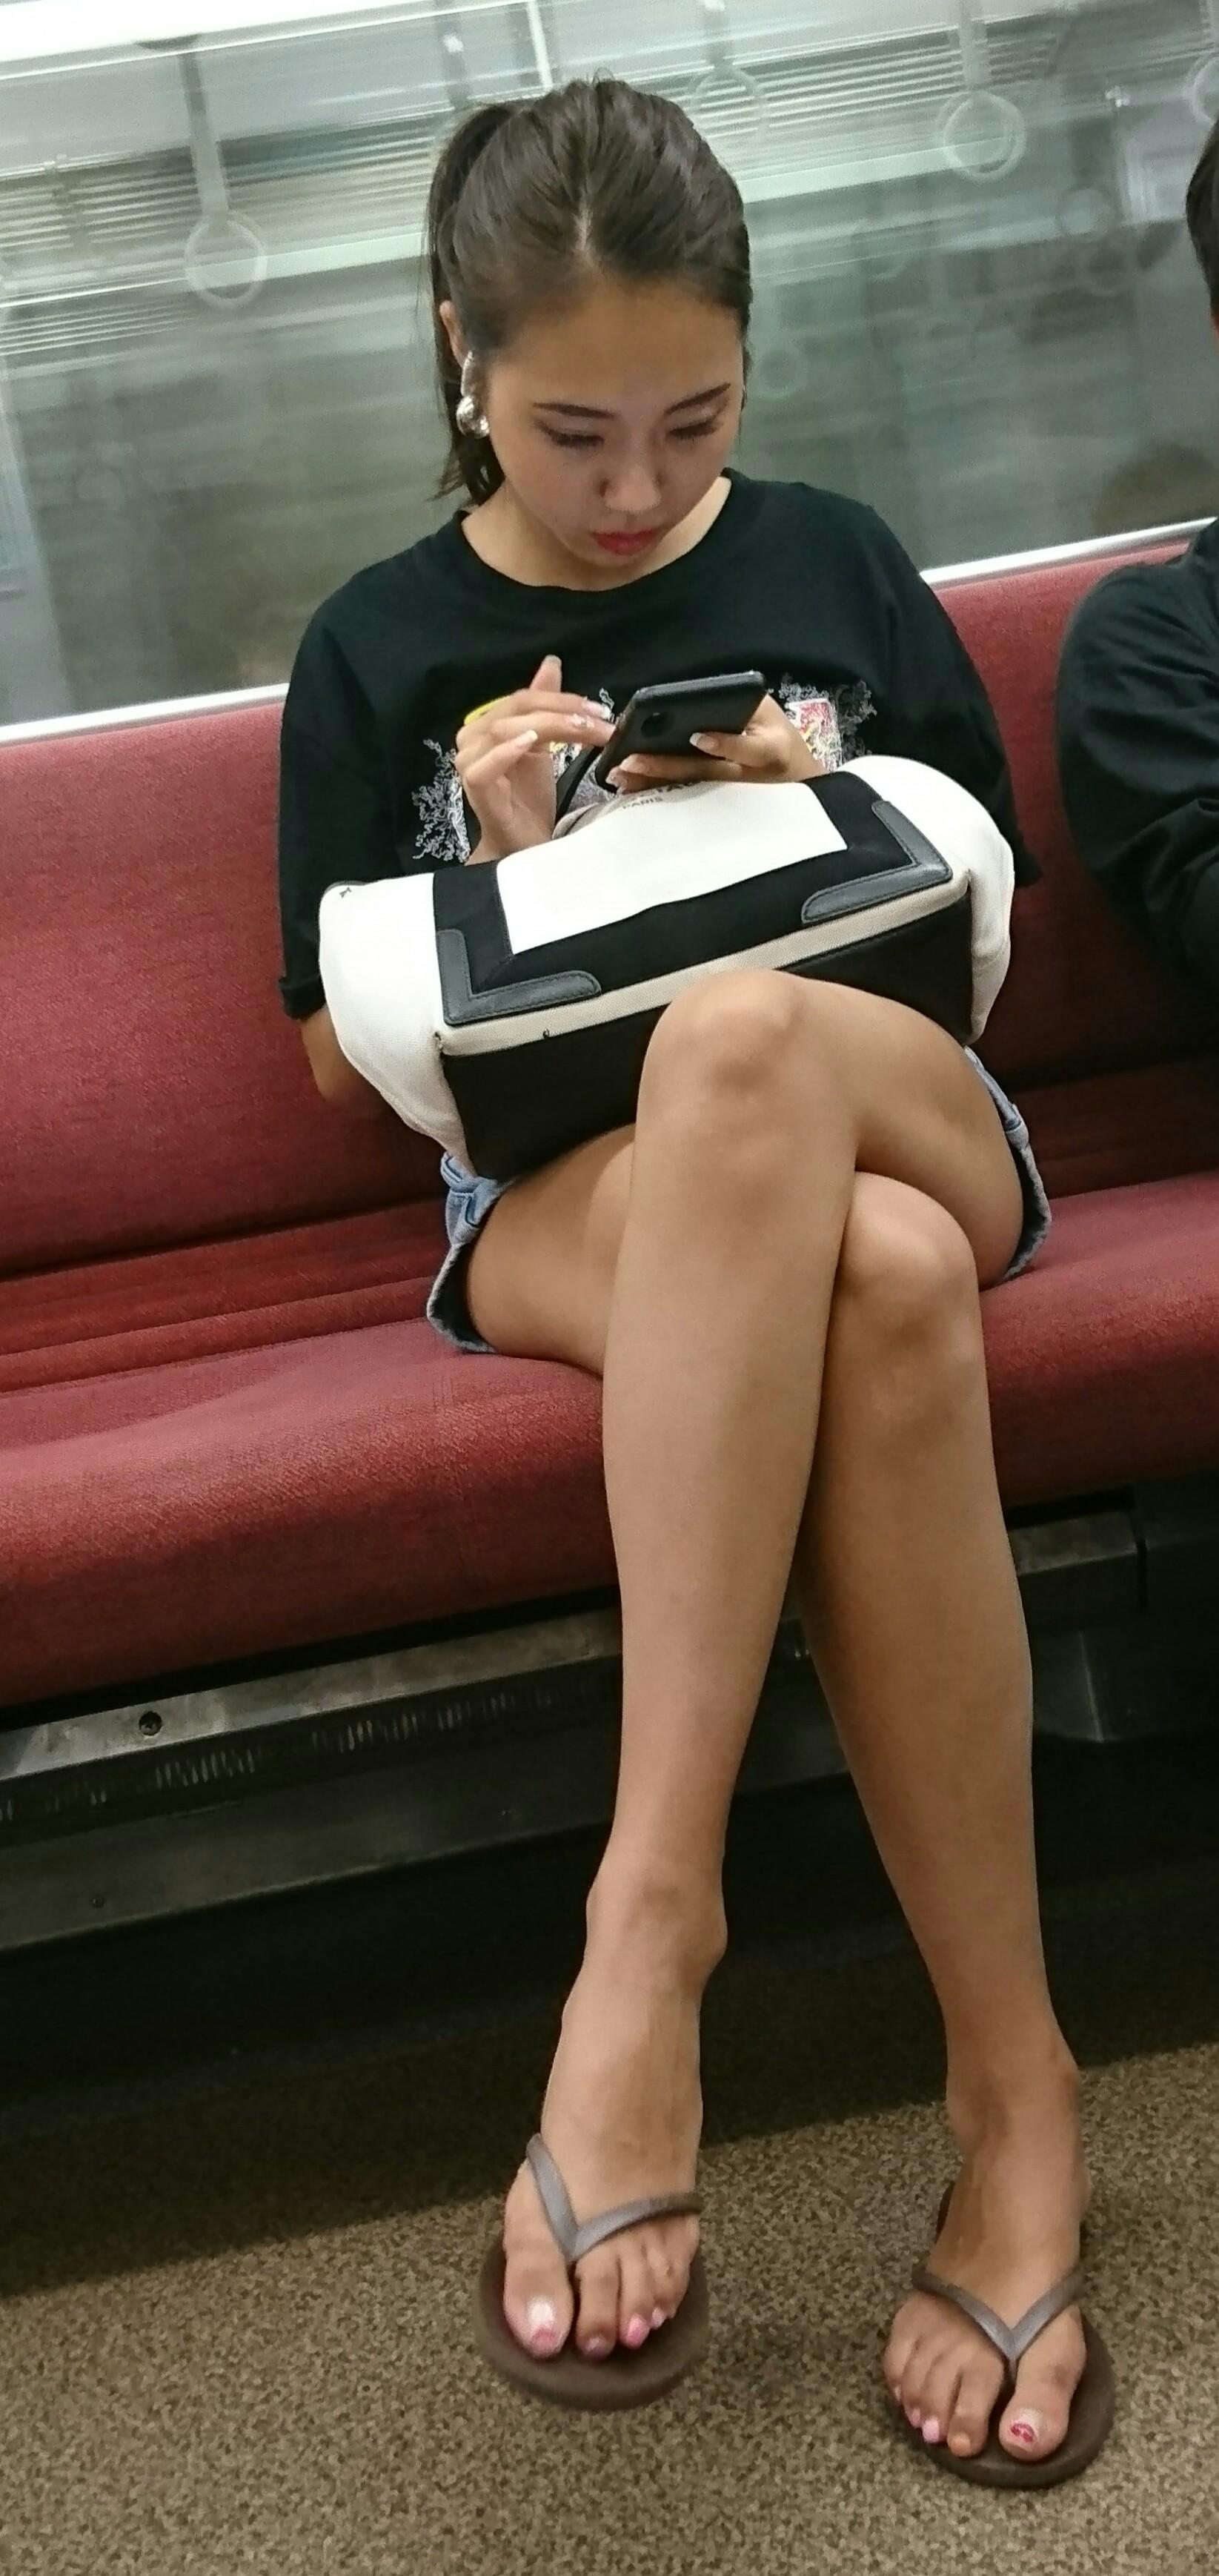 ムチムチ感でエロさが倍増する足組みの太ももエロ画像